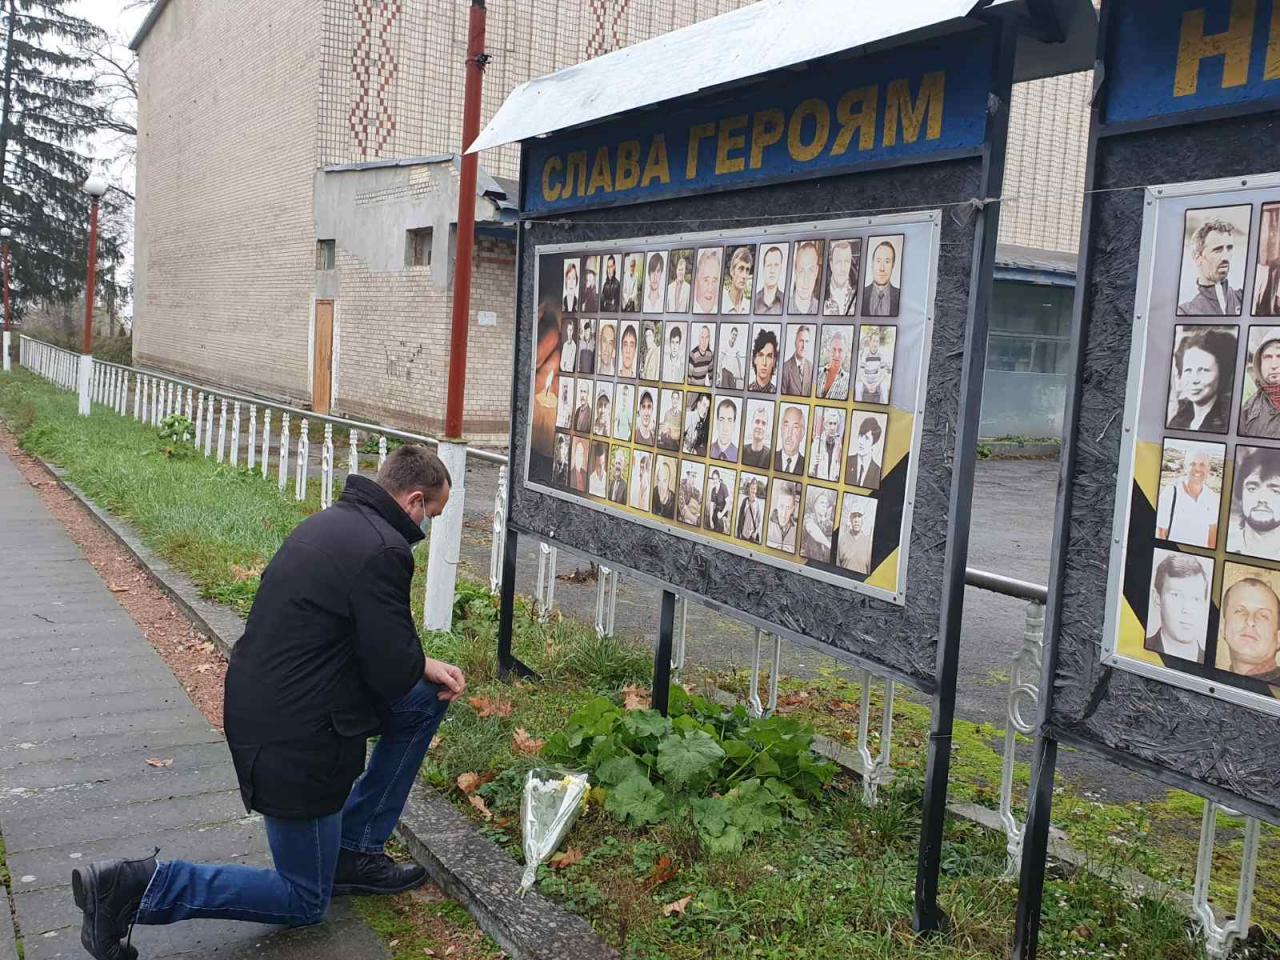 http://dunrada.gov.ua/uploadfile/archive_news/2020/11/20/2020-11-20_4933/images/images-28425.jpg